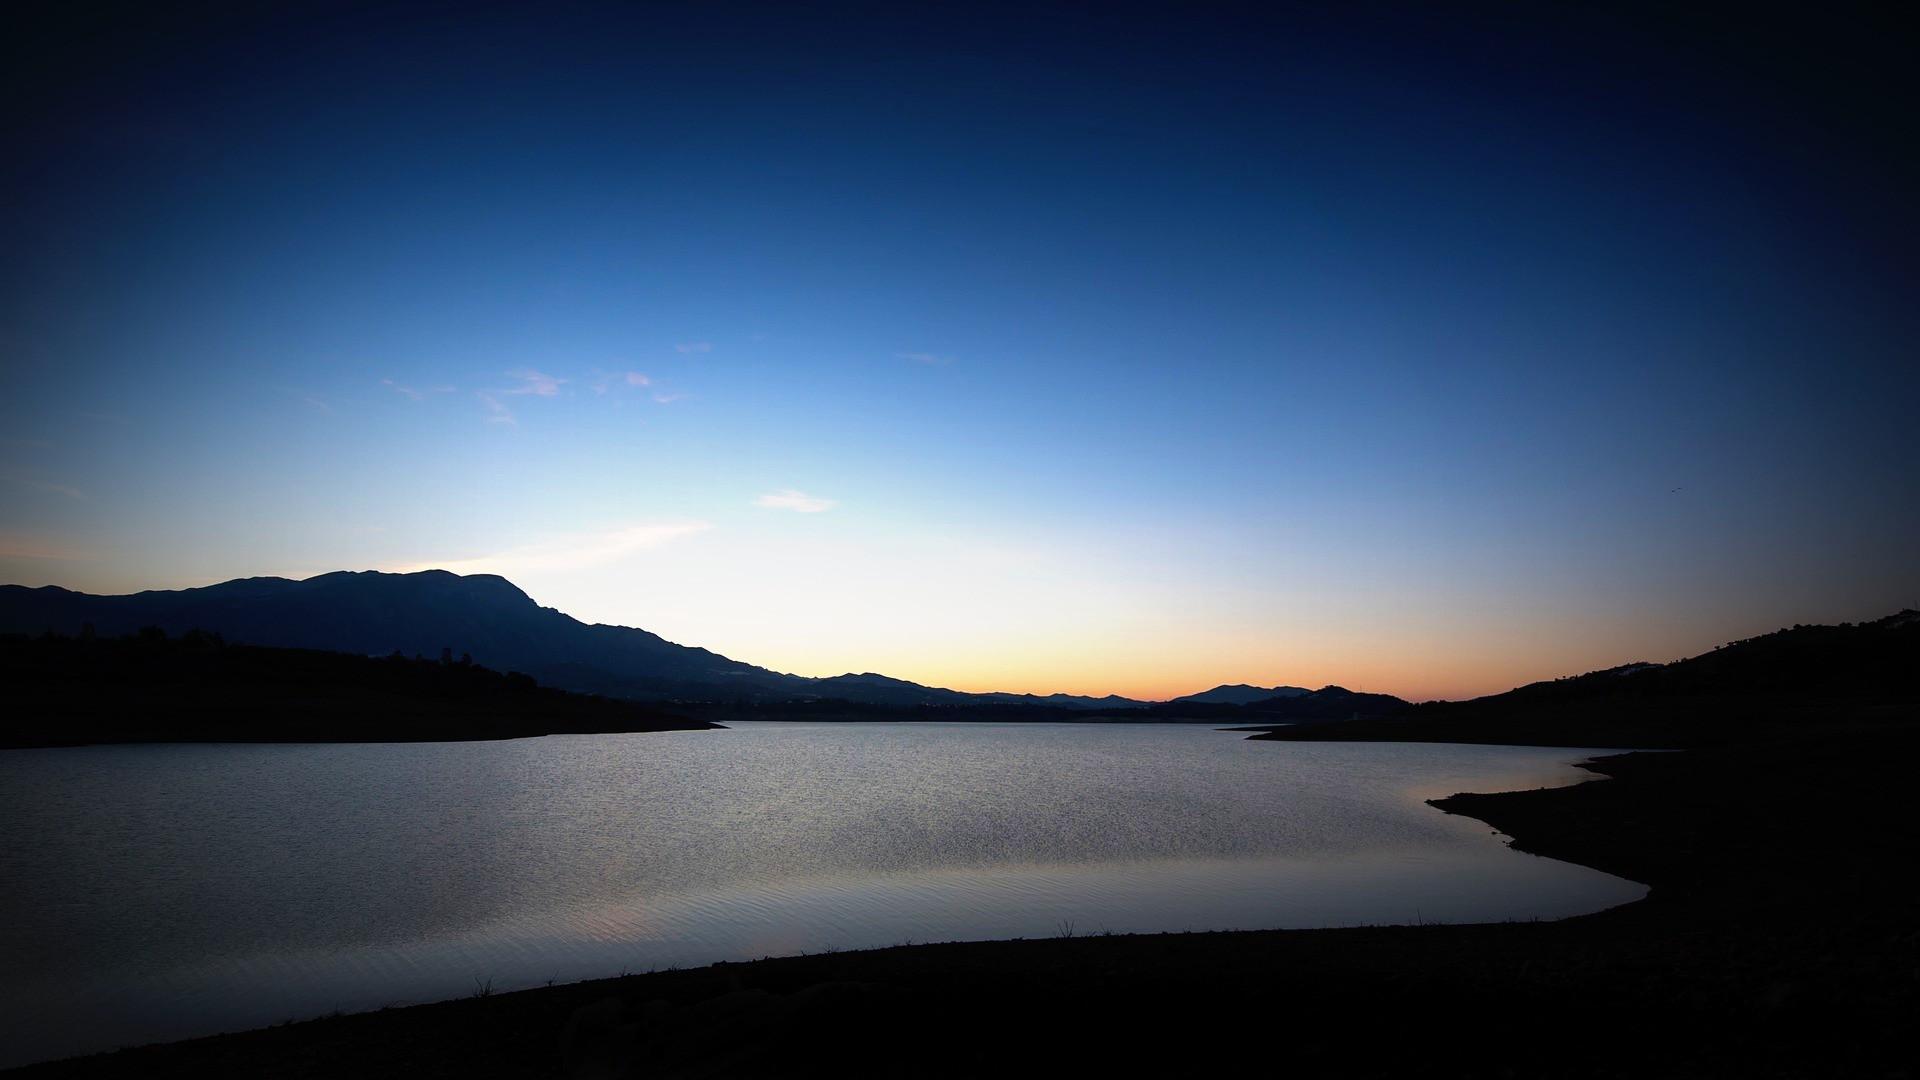 andalusia-costa-del-sol-lake-vinuela-daw